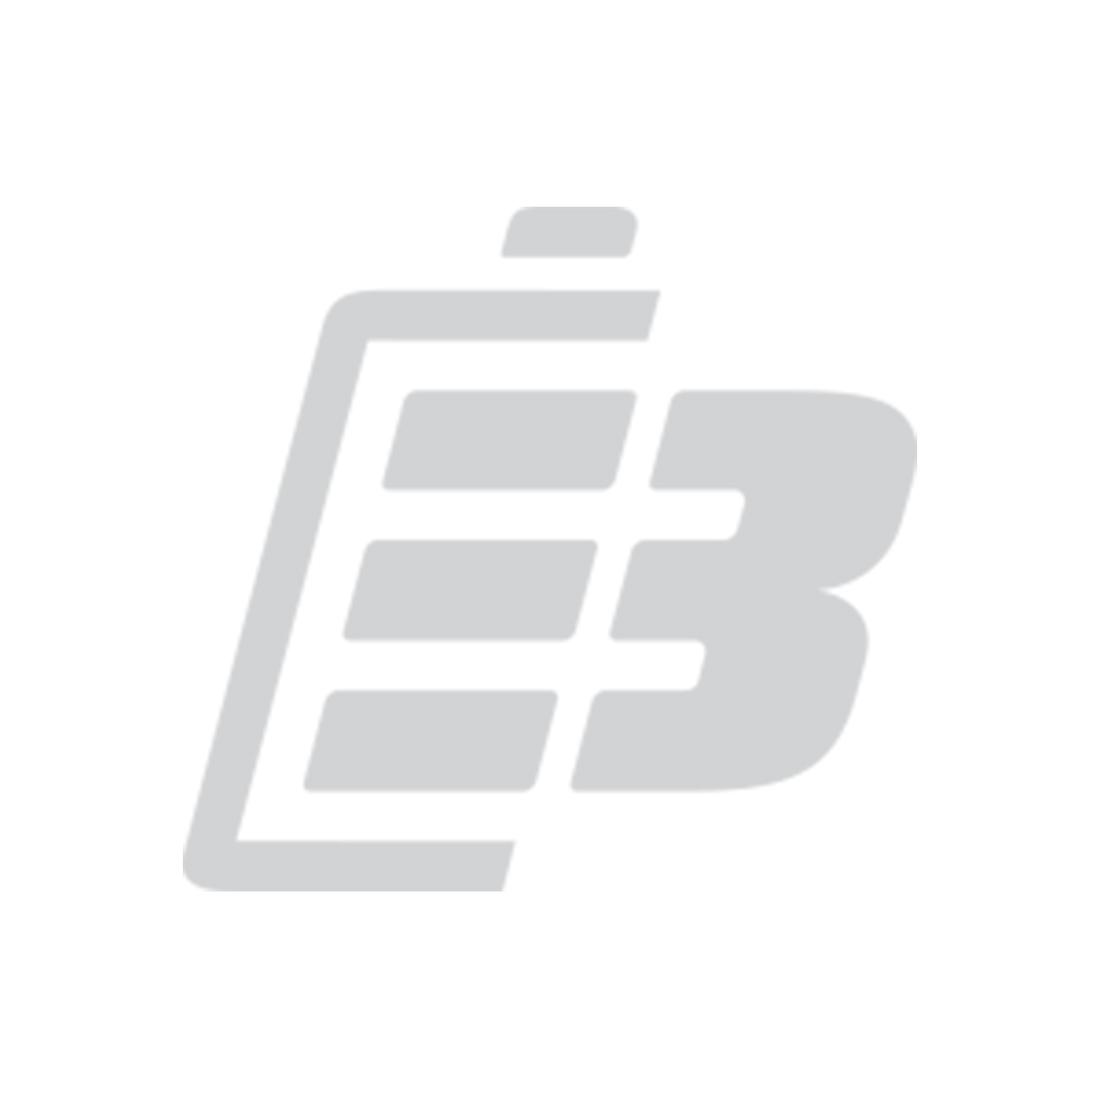 MP3 battery Sony NWZ-S600_1